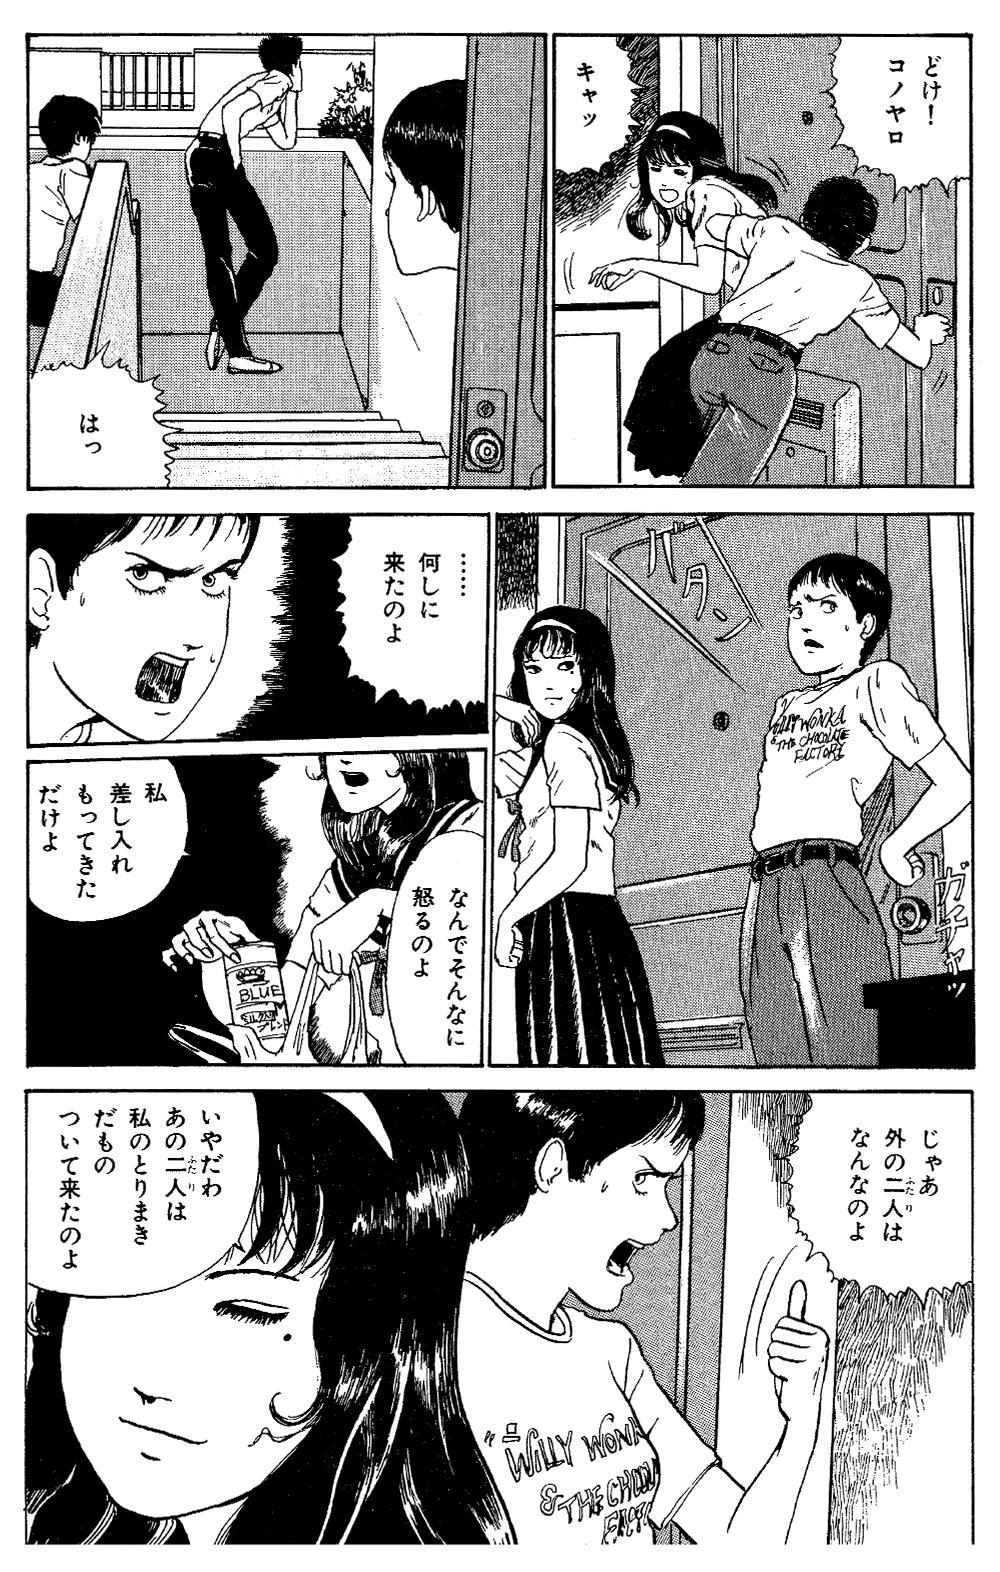 伊藤潤二傑作集 第4話「富江 写真」④jjunji13-03.jpg